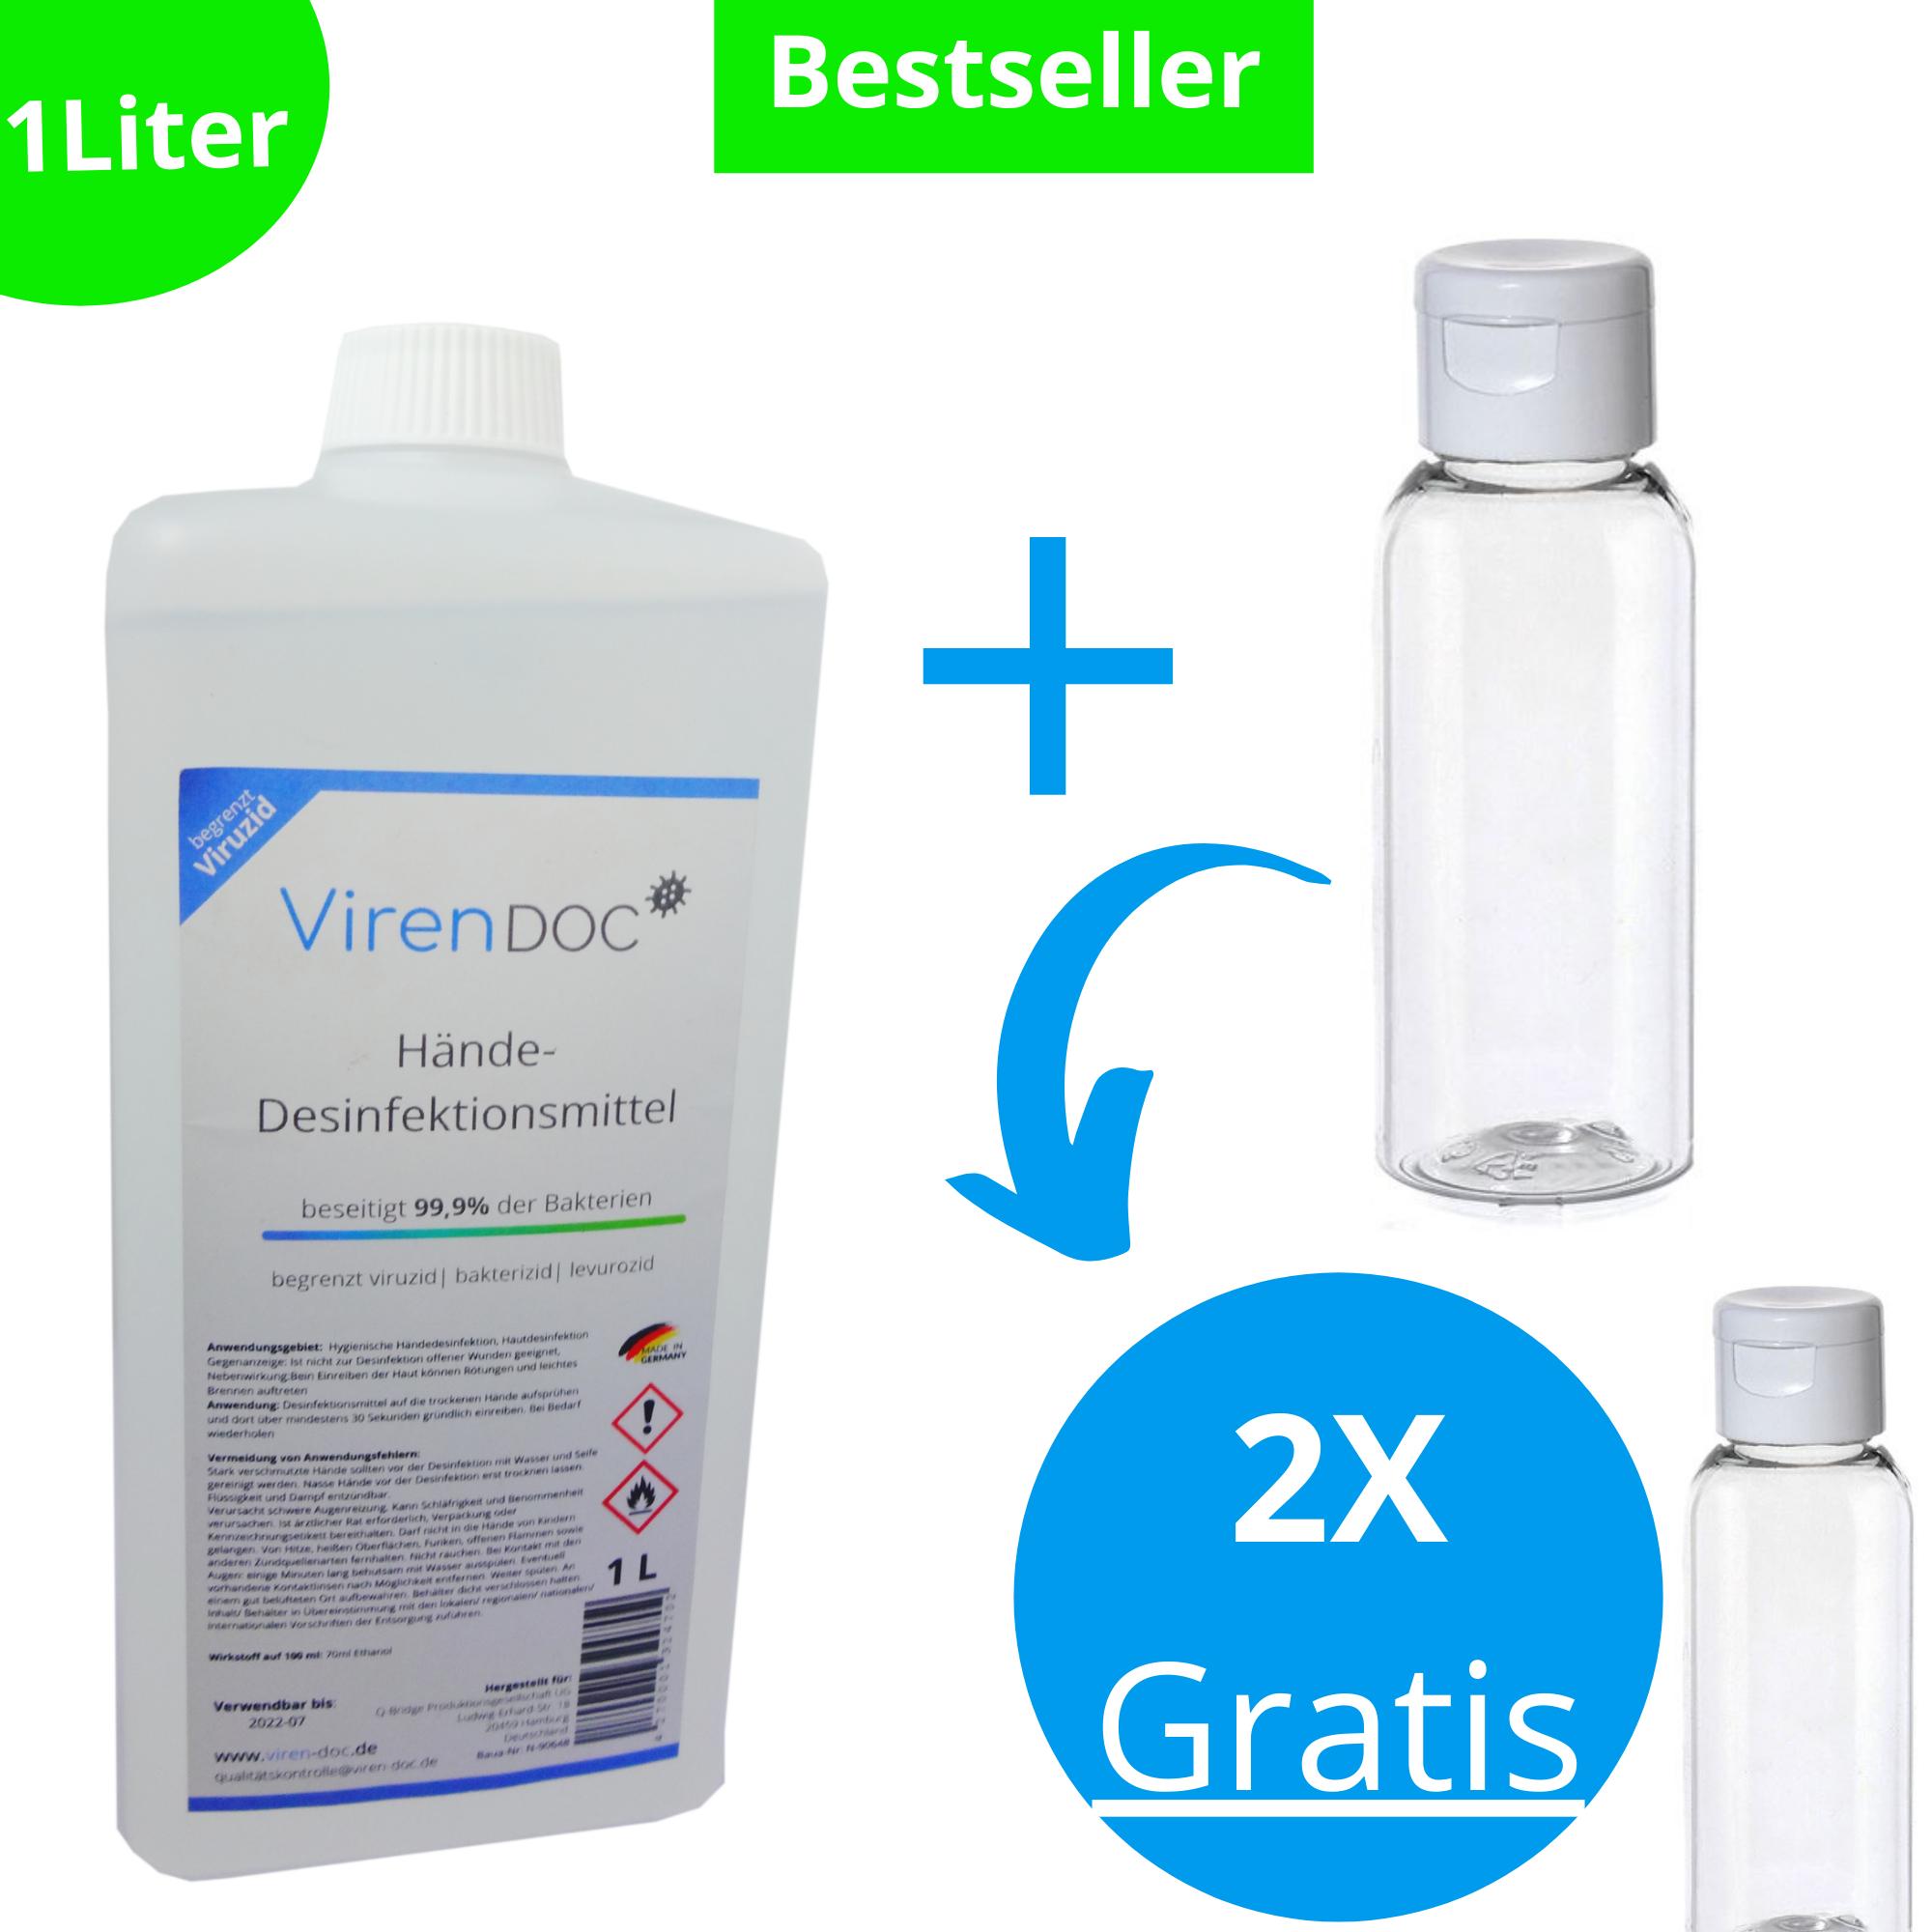 Hände-Desinfektionsmittel Von 24,90€ auf 9,99€ + 2x Leerflaschen (Gratis)